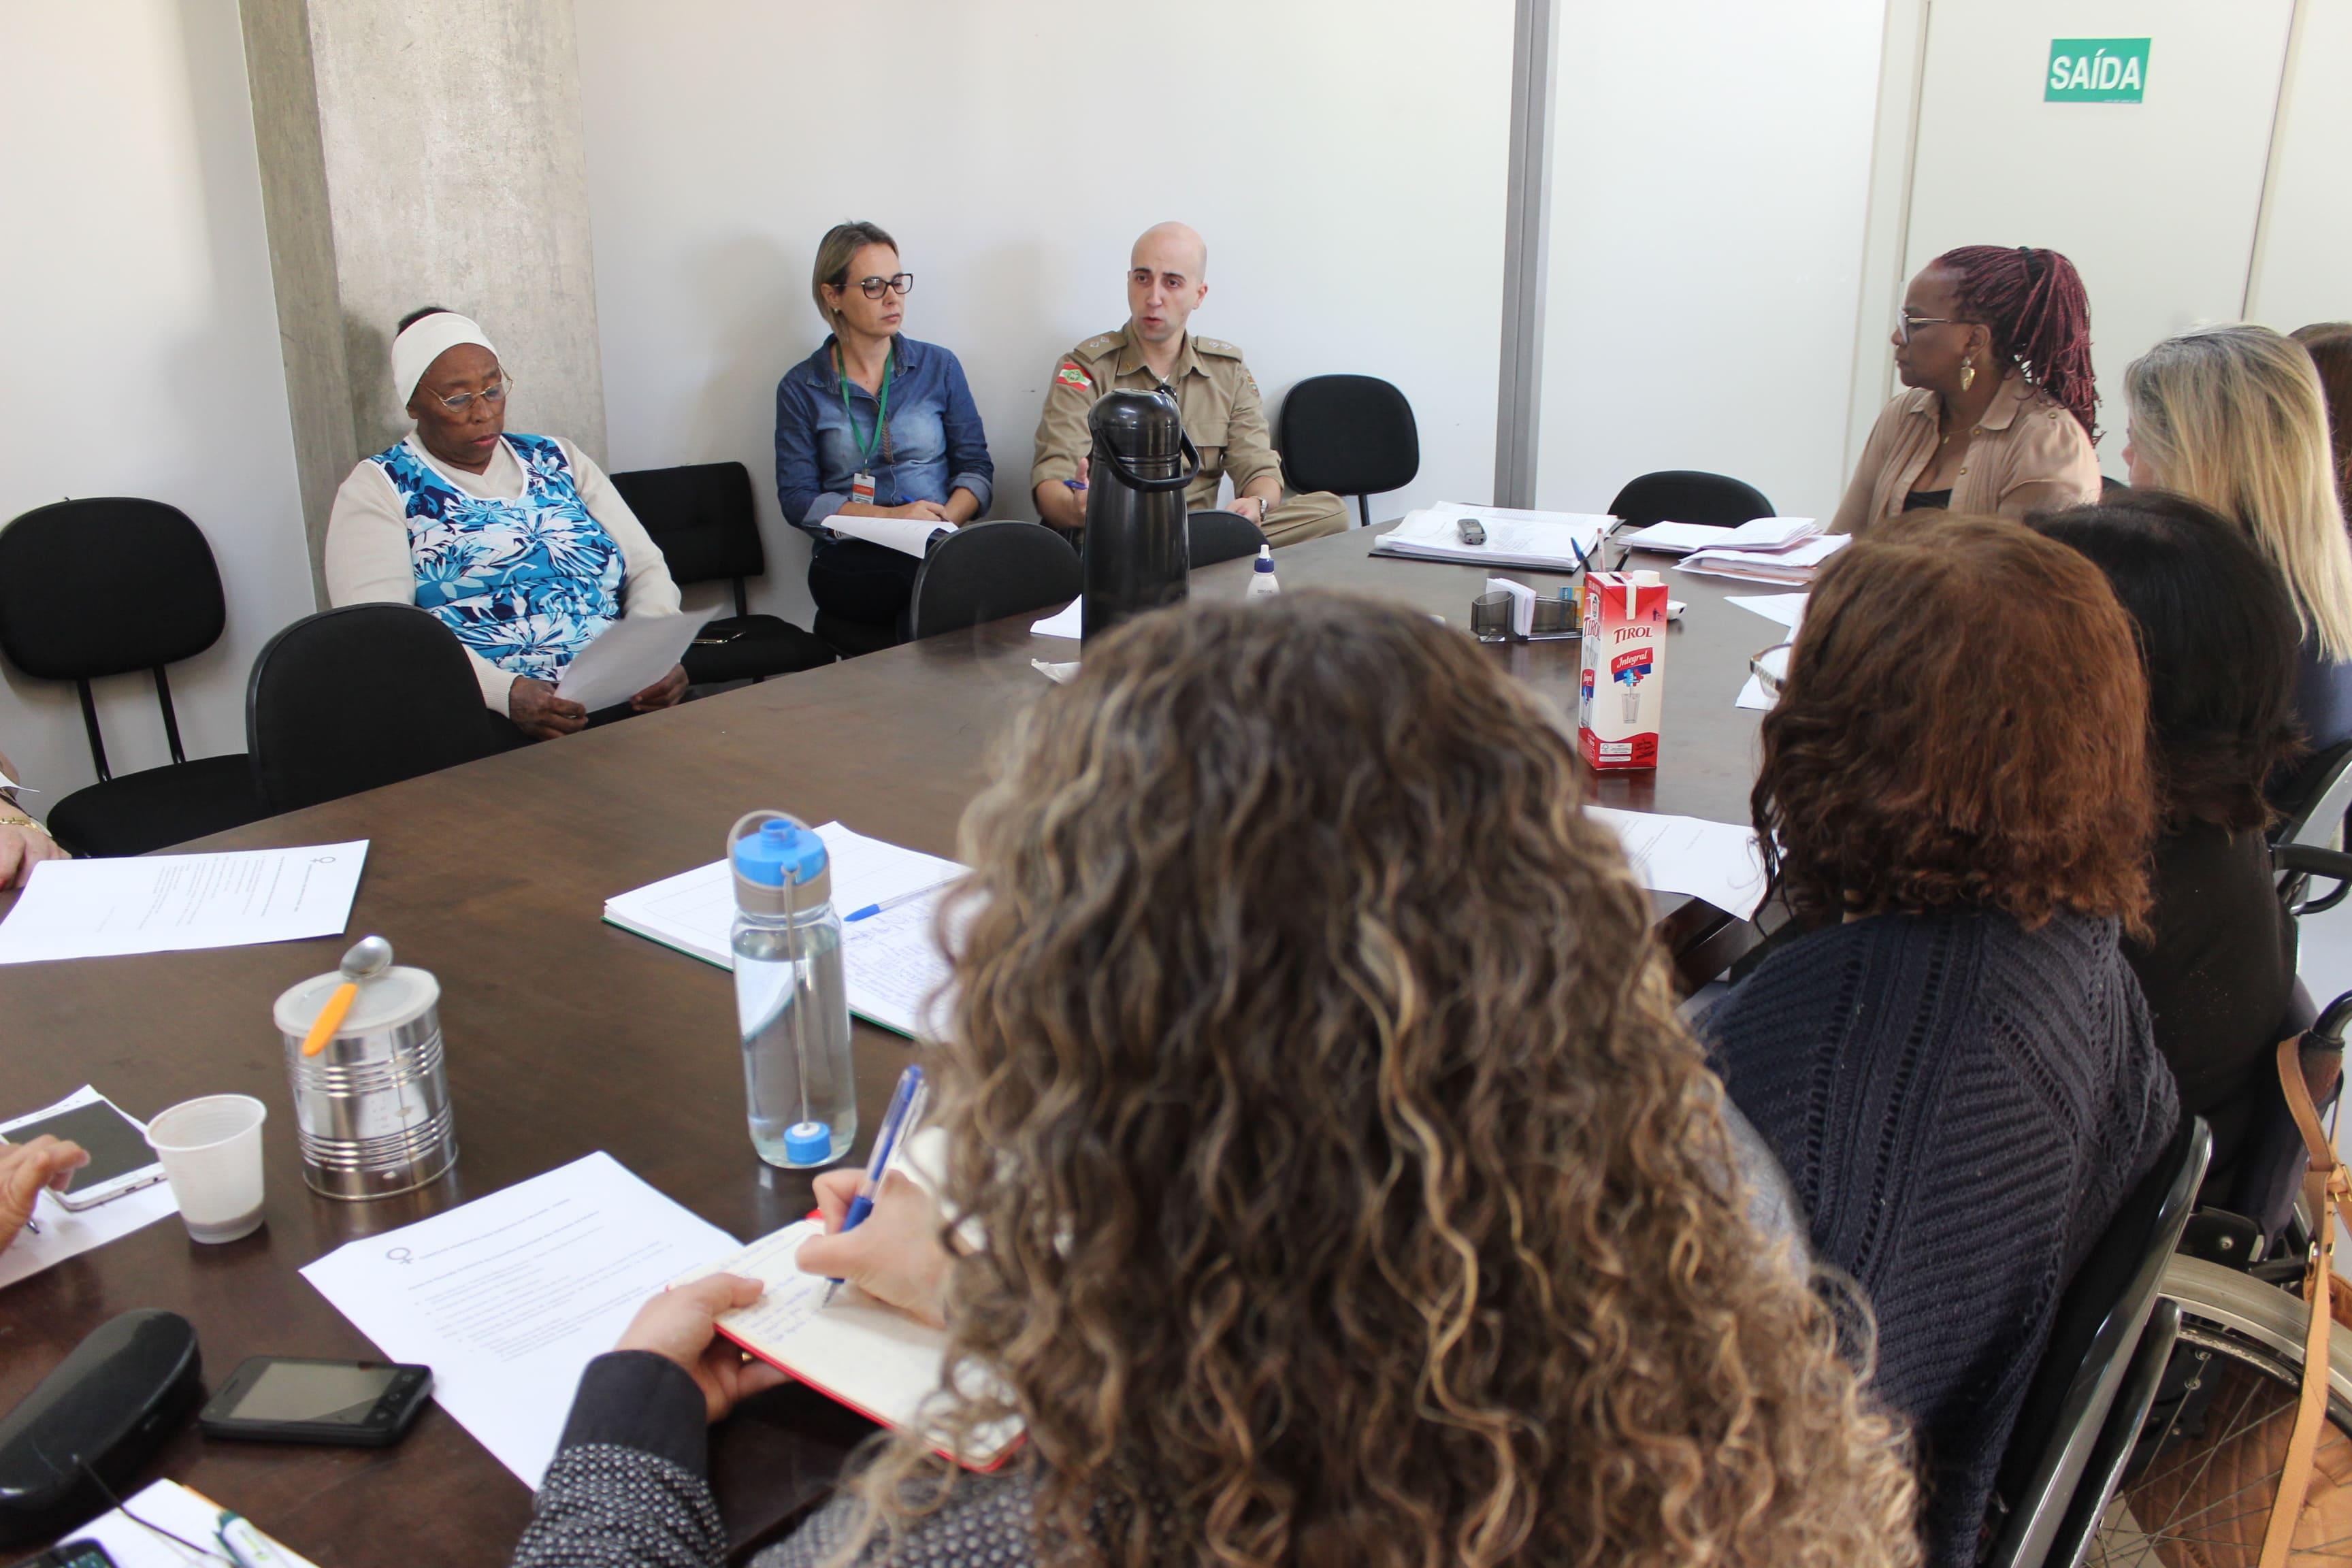 Prefeitura Municipal de Criciúma - Conselho Municipal dos Direitos da Mulher recebe representante da 'Rede Catarina de Proteção à Mulher'